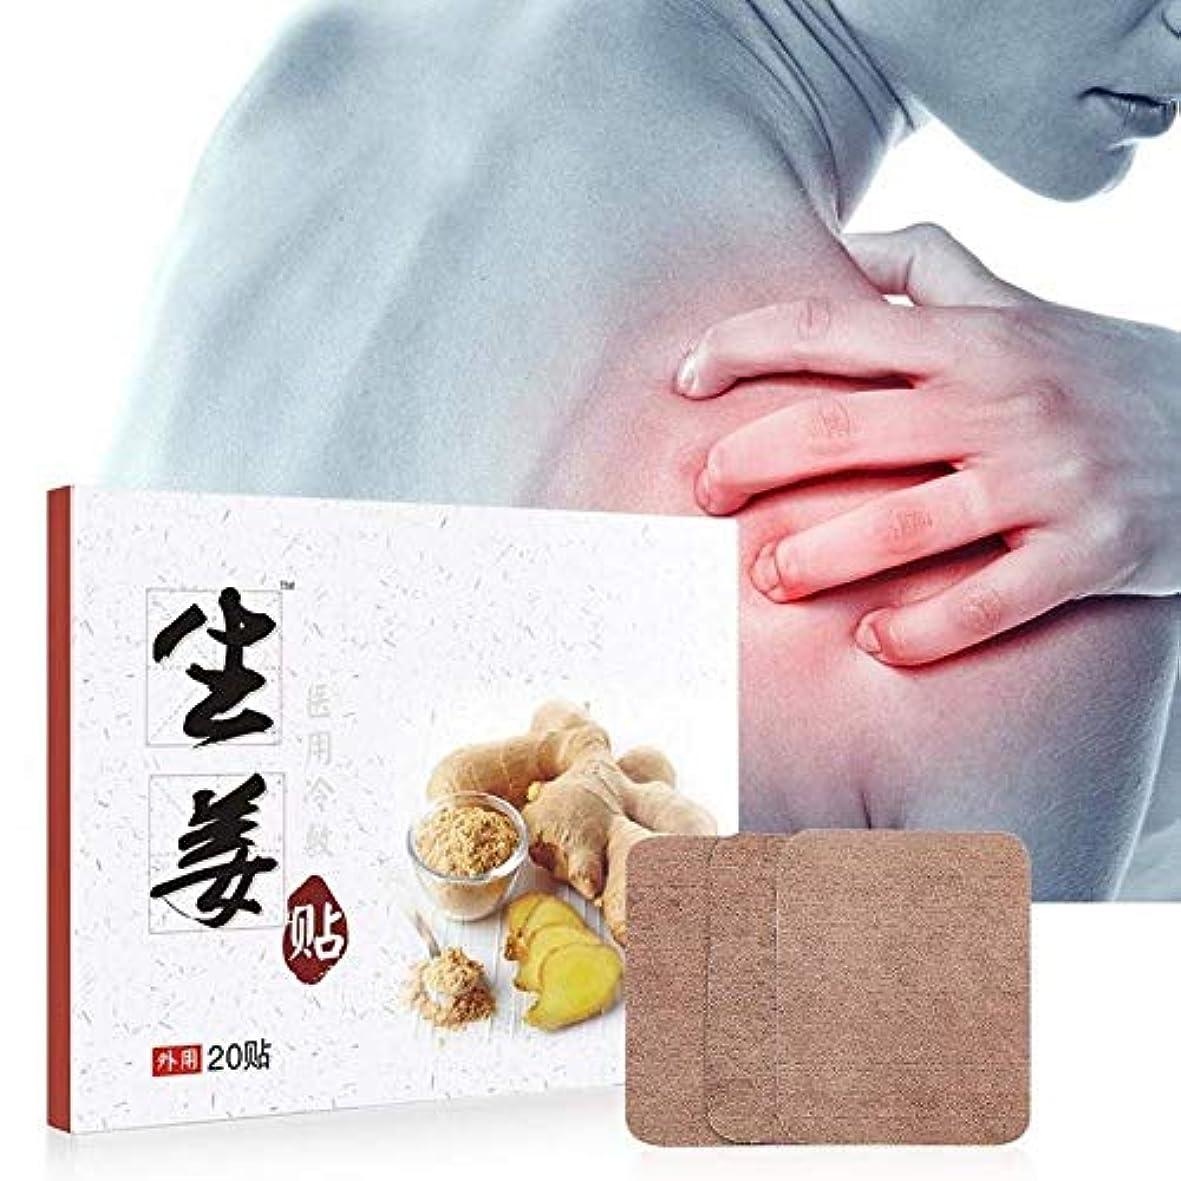 仮定する遷移労働者20ボックスジンジャーパッドジョイント頚椎痛みの軽減自発的ヒートステッカー防寒保温